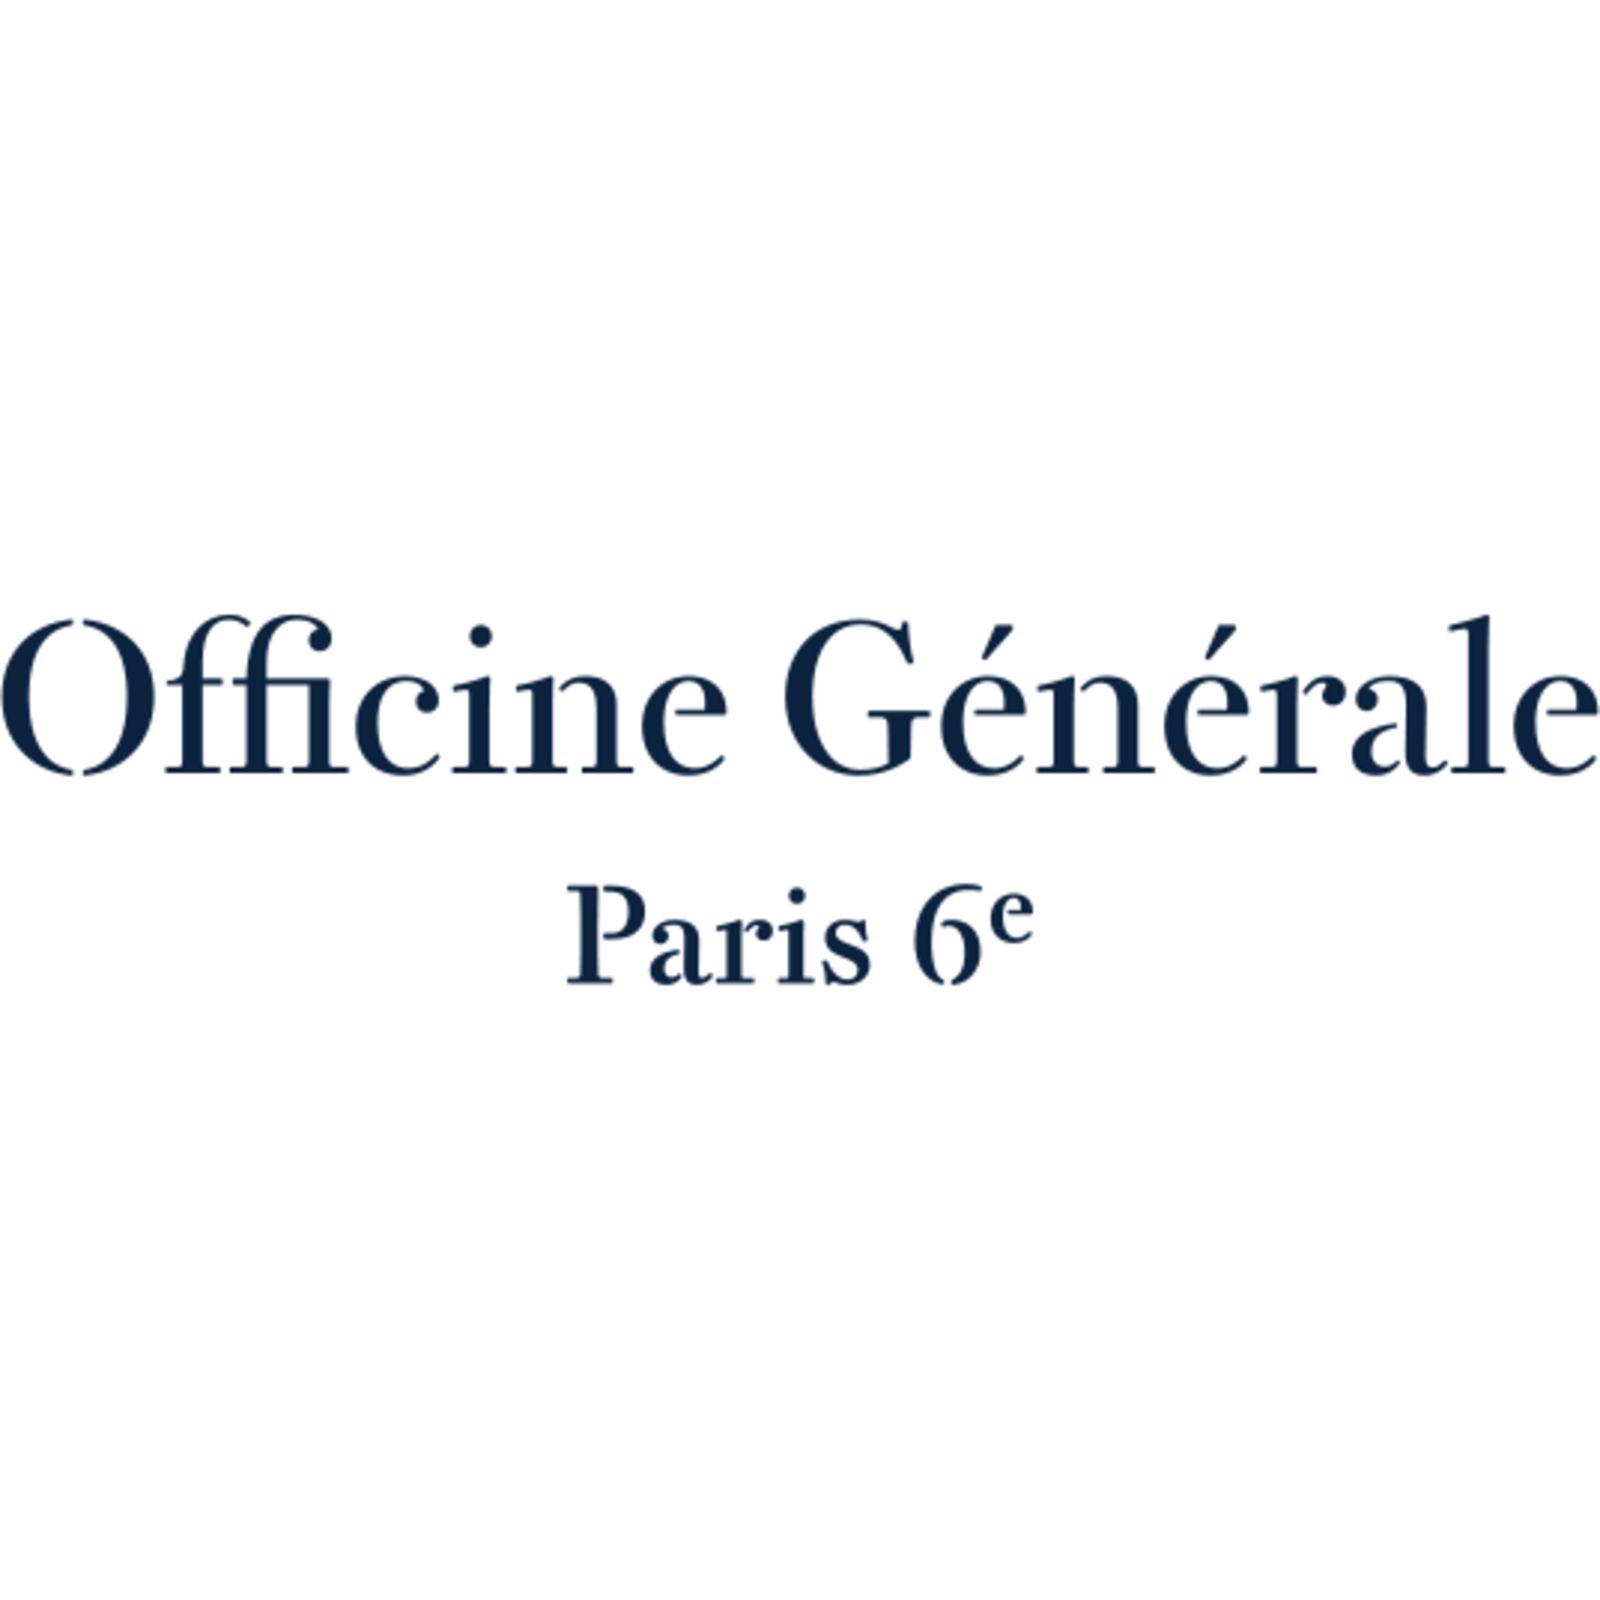 Officine Générale